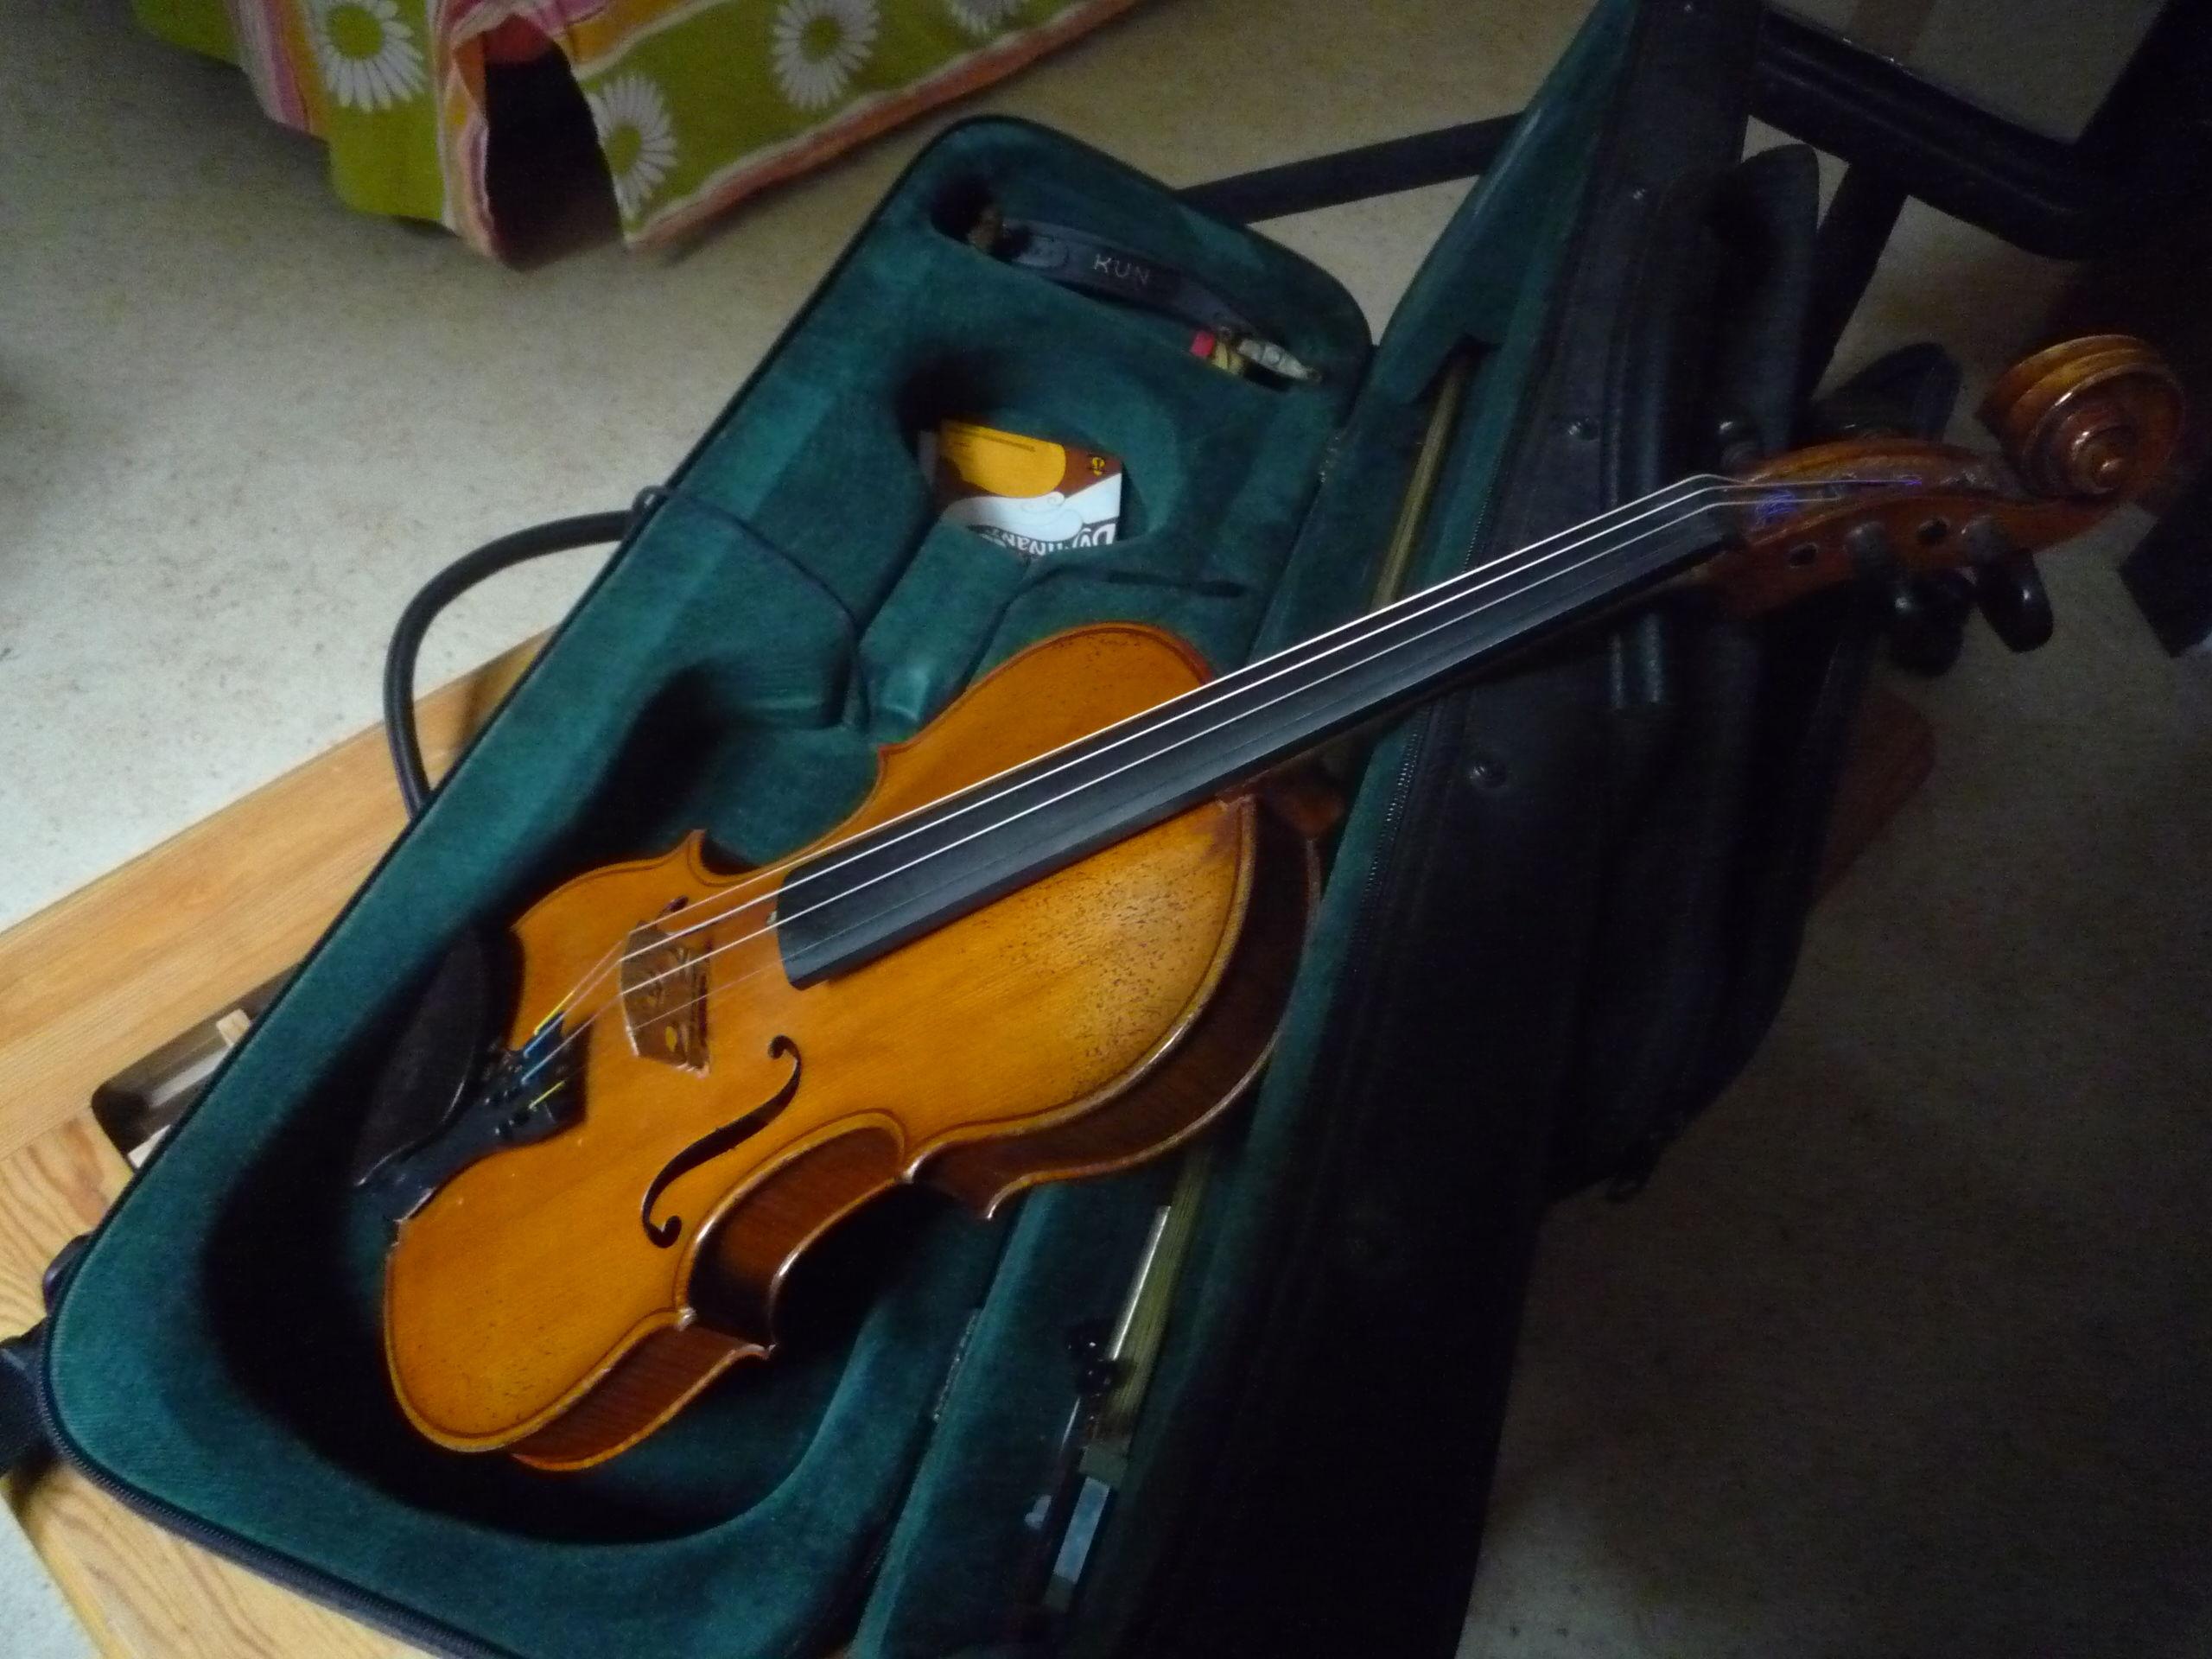 VIOLON 4/4 début 20e siècle Instruments de musique